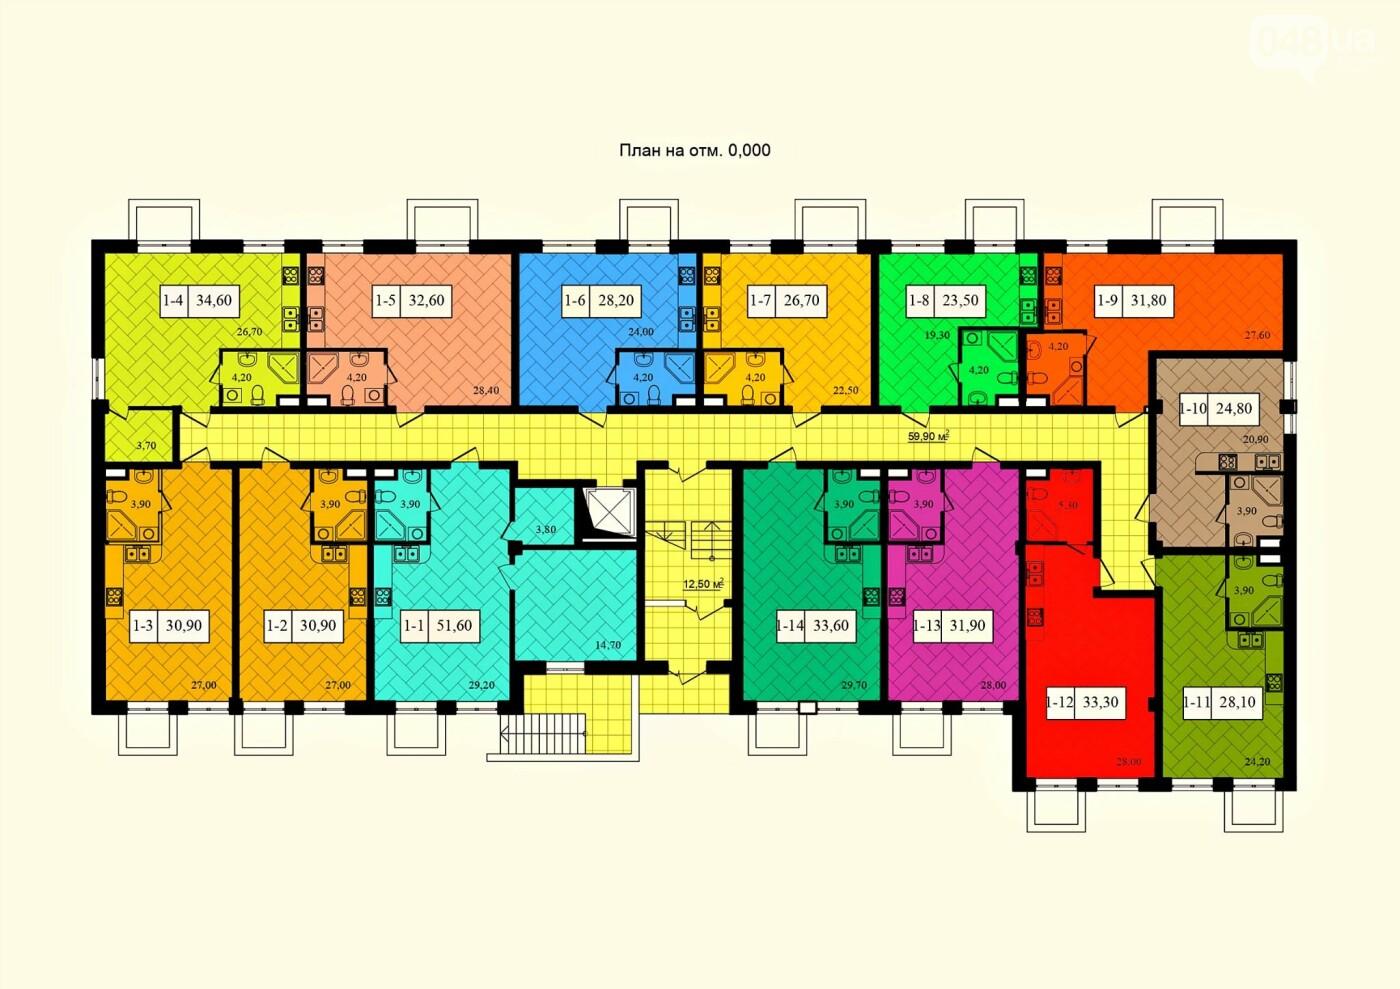 Риэлторы Одессы, купить квартиру по выгодным предложениям, фото-69